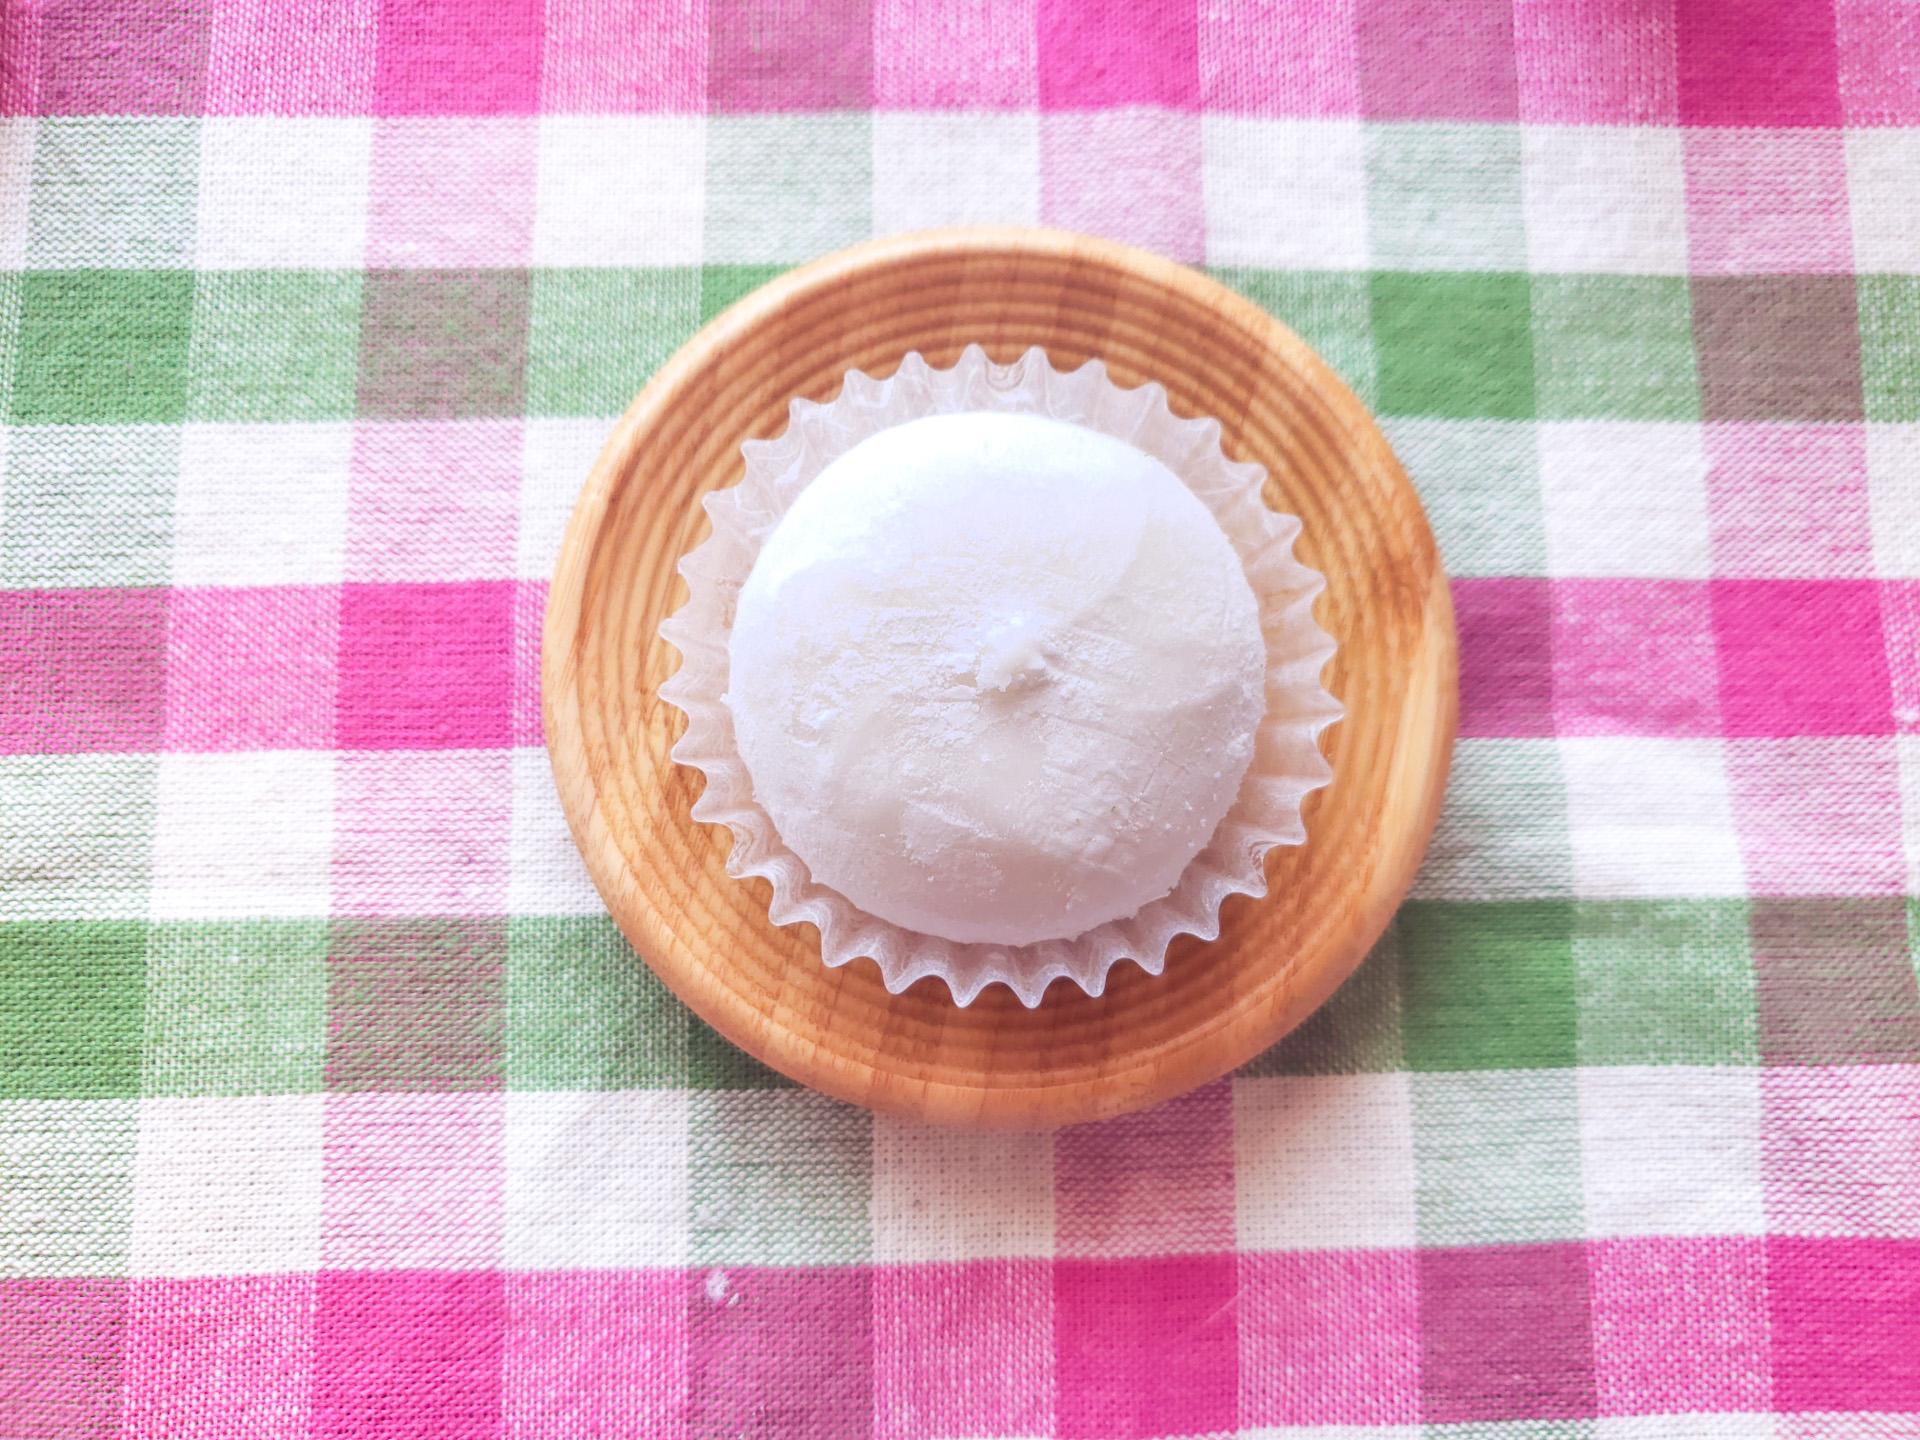 復活した癒しの世界♡セブンのマシュマロ食感!いちごクリーム大福